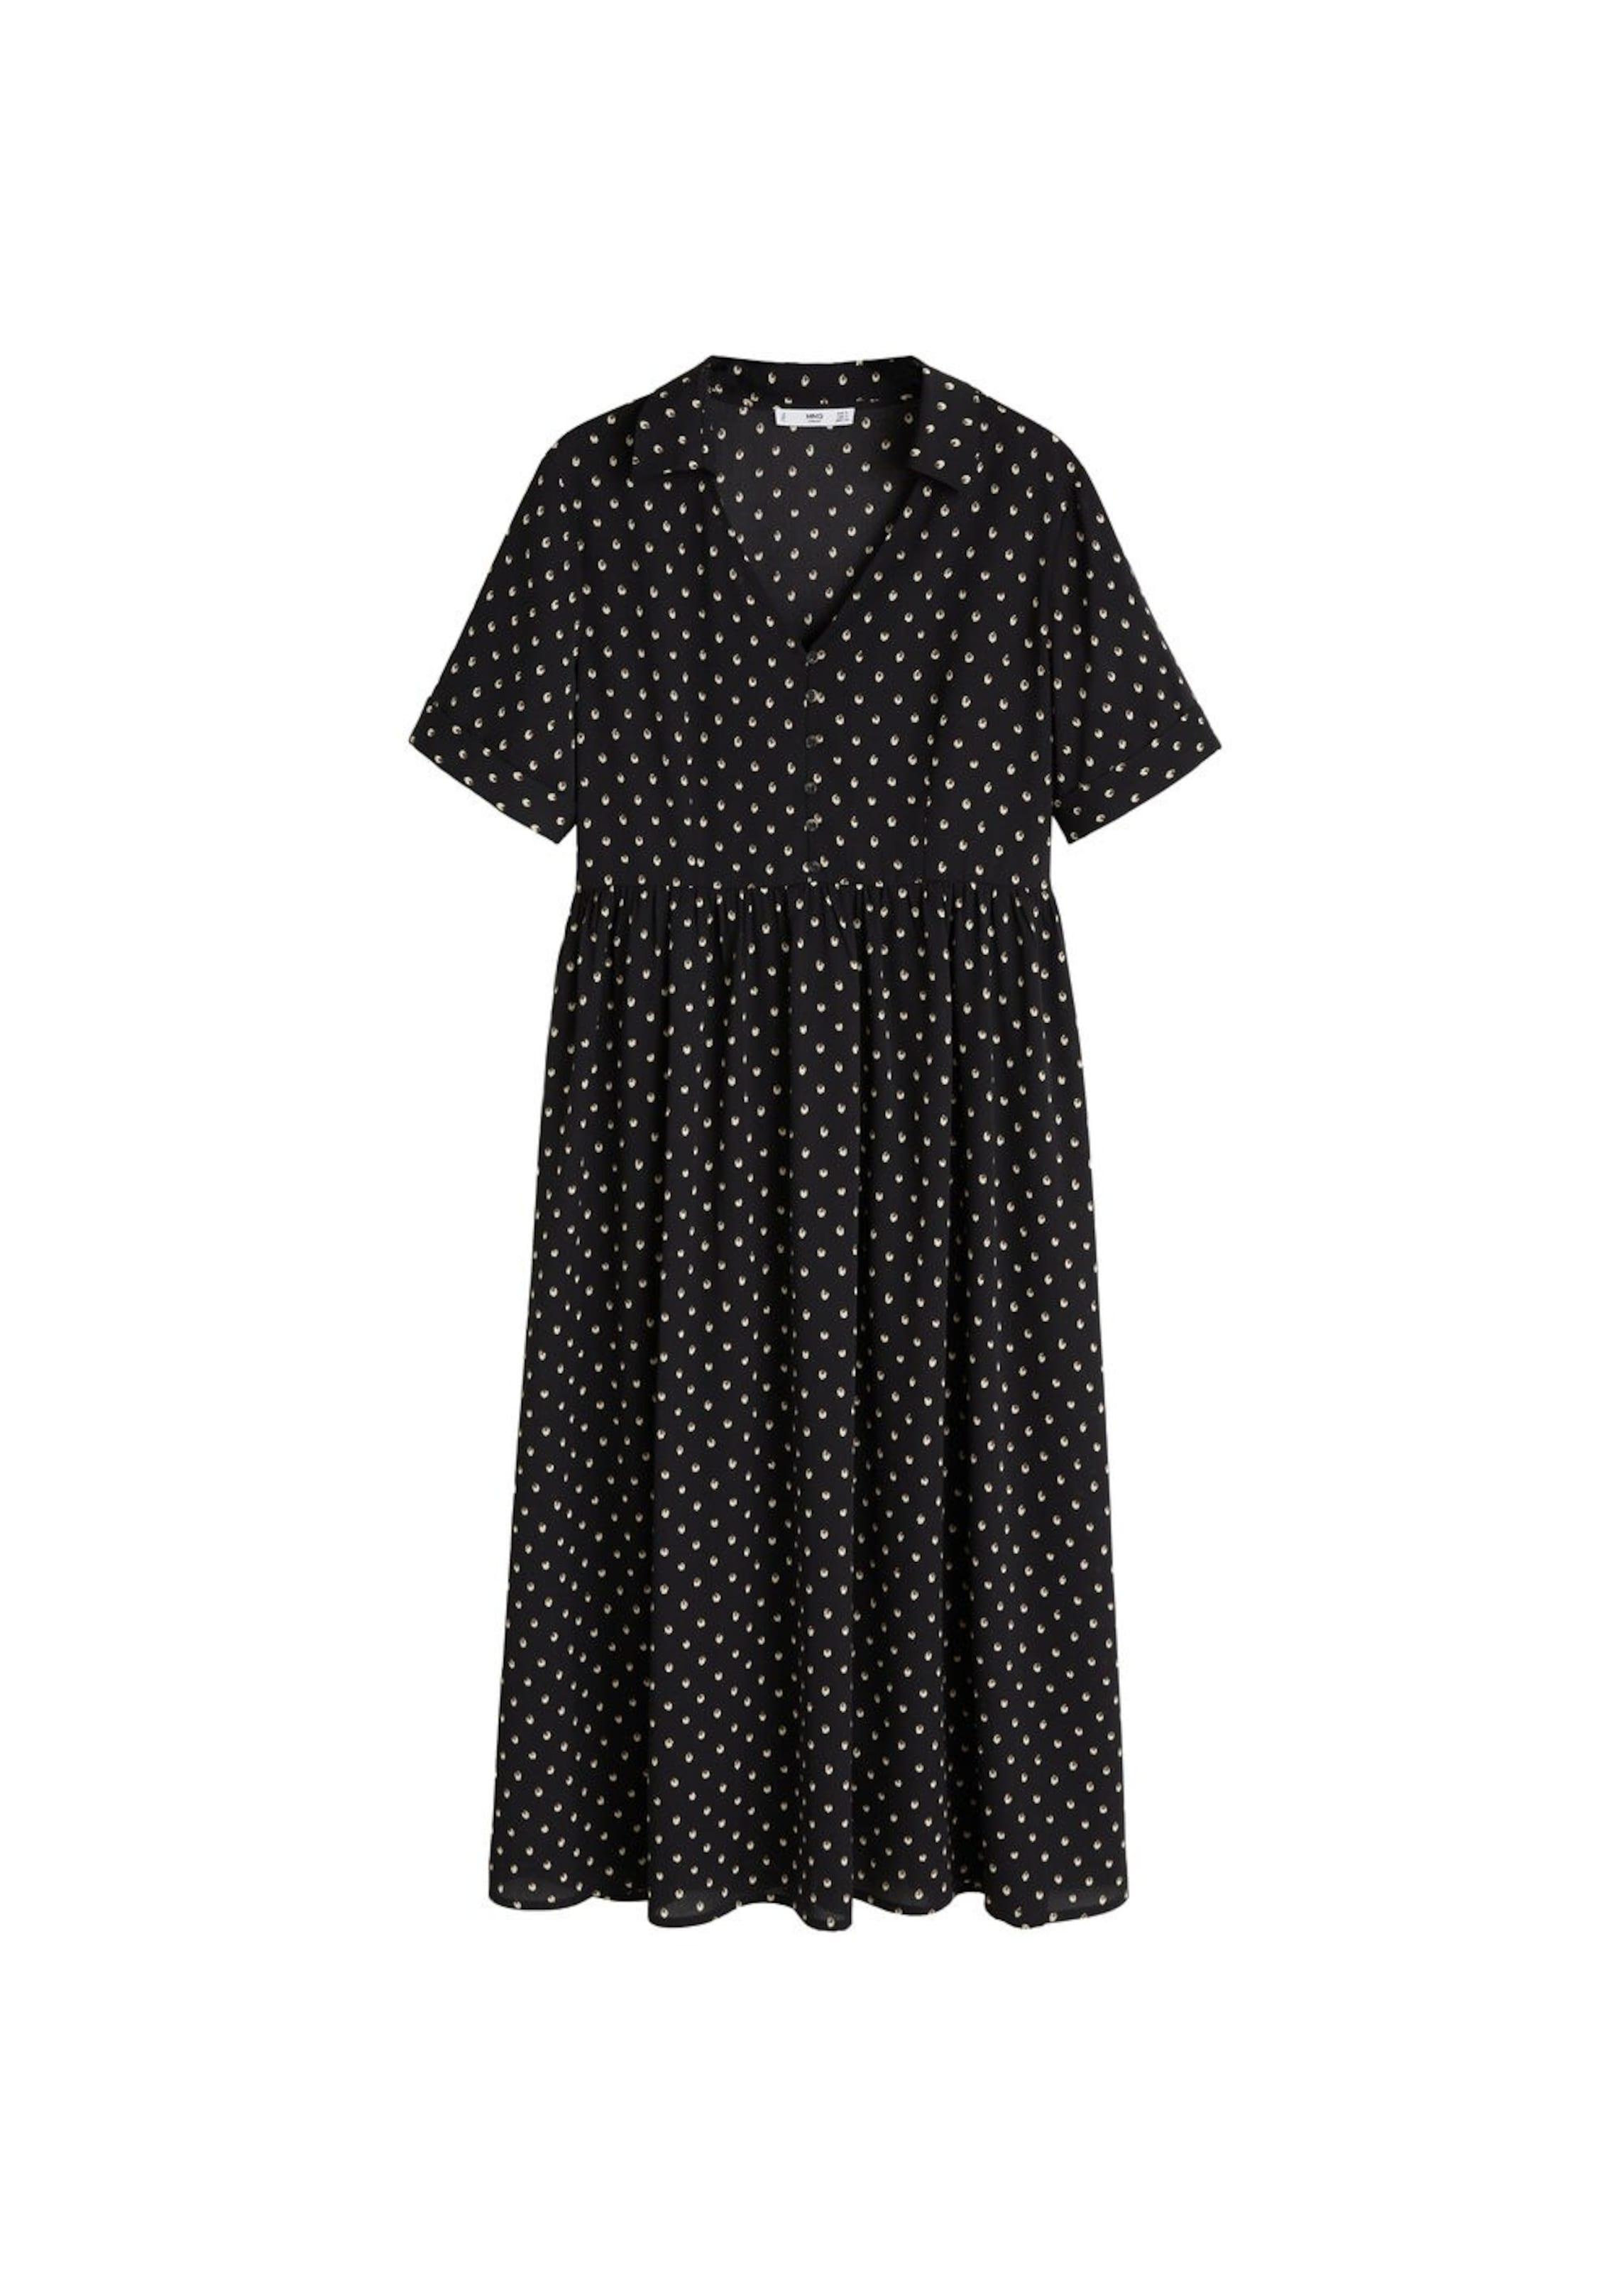 In Kleid In Mango Kleid Schwarz Kleid In Schwarz Mango Mango 92DHIE